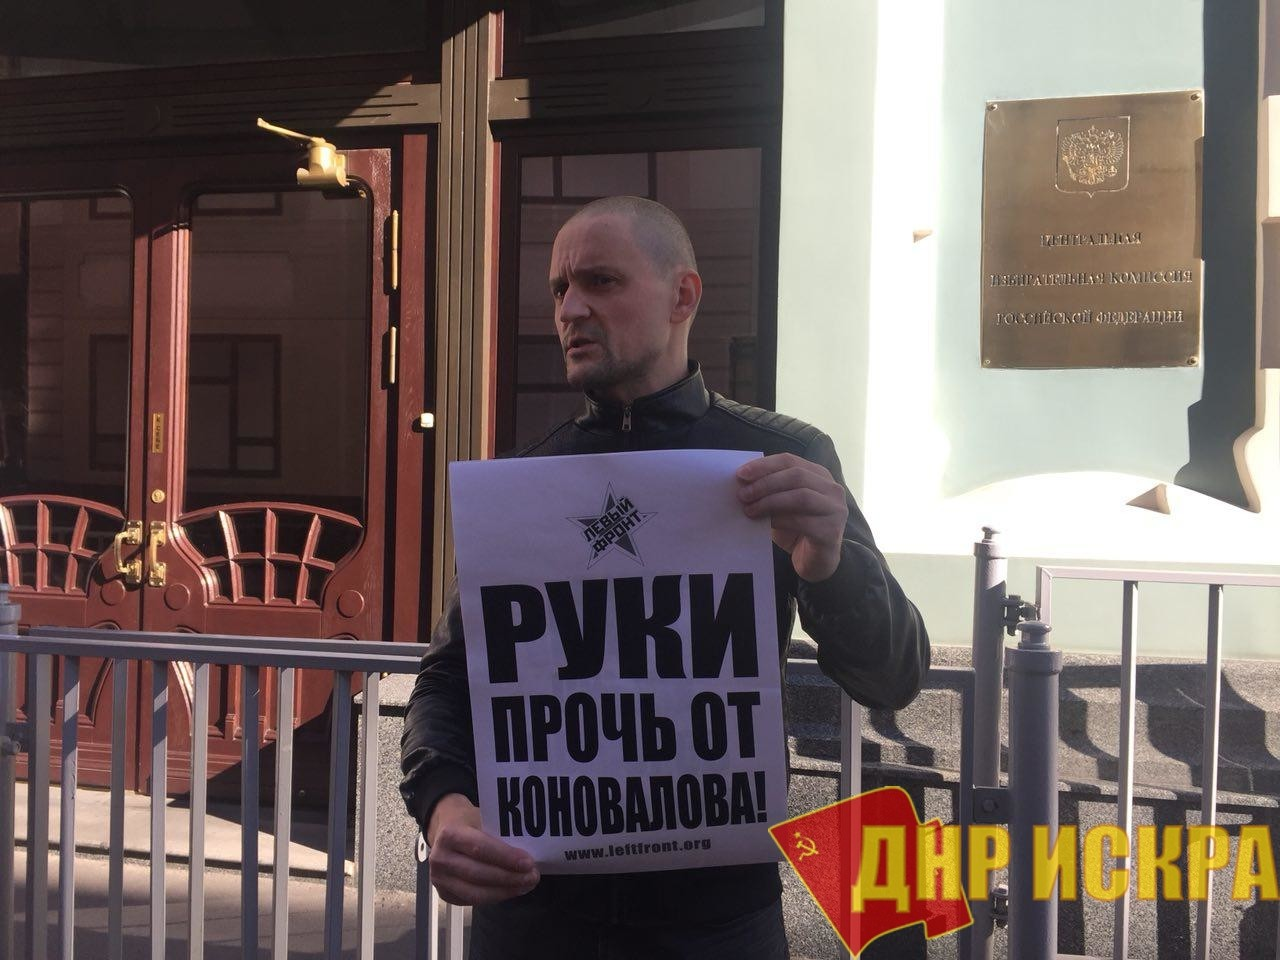 Левый Фронт: Поздравляем Валентина Коновалова с победой в Хакасии!